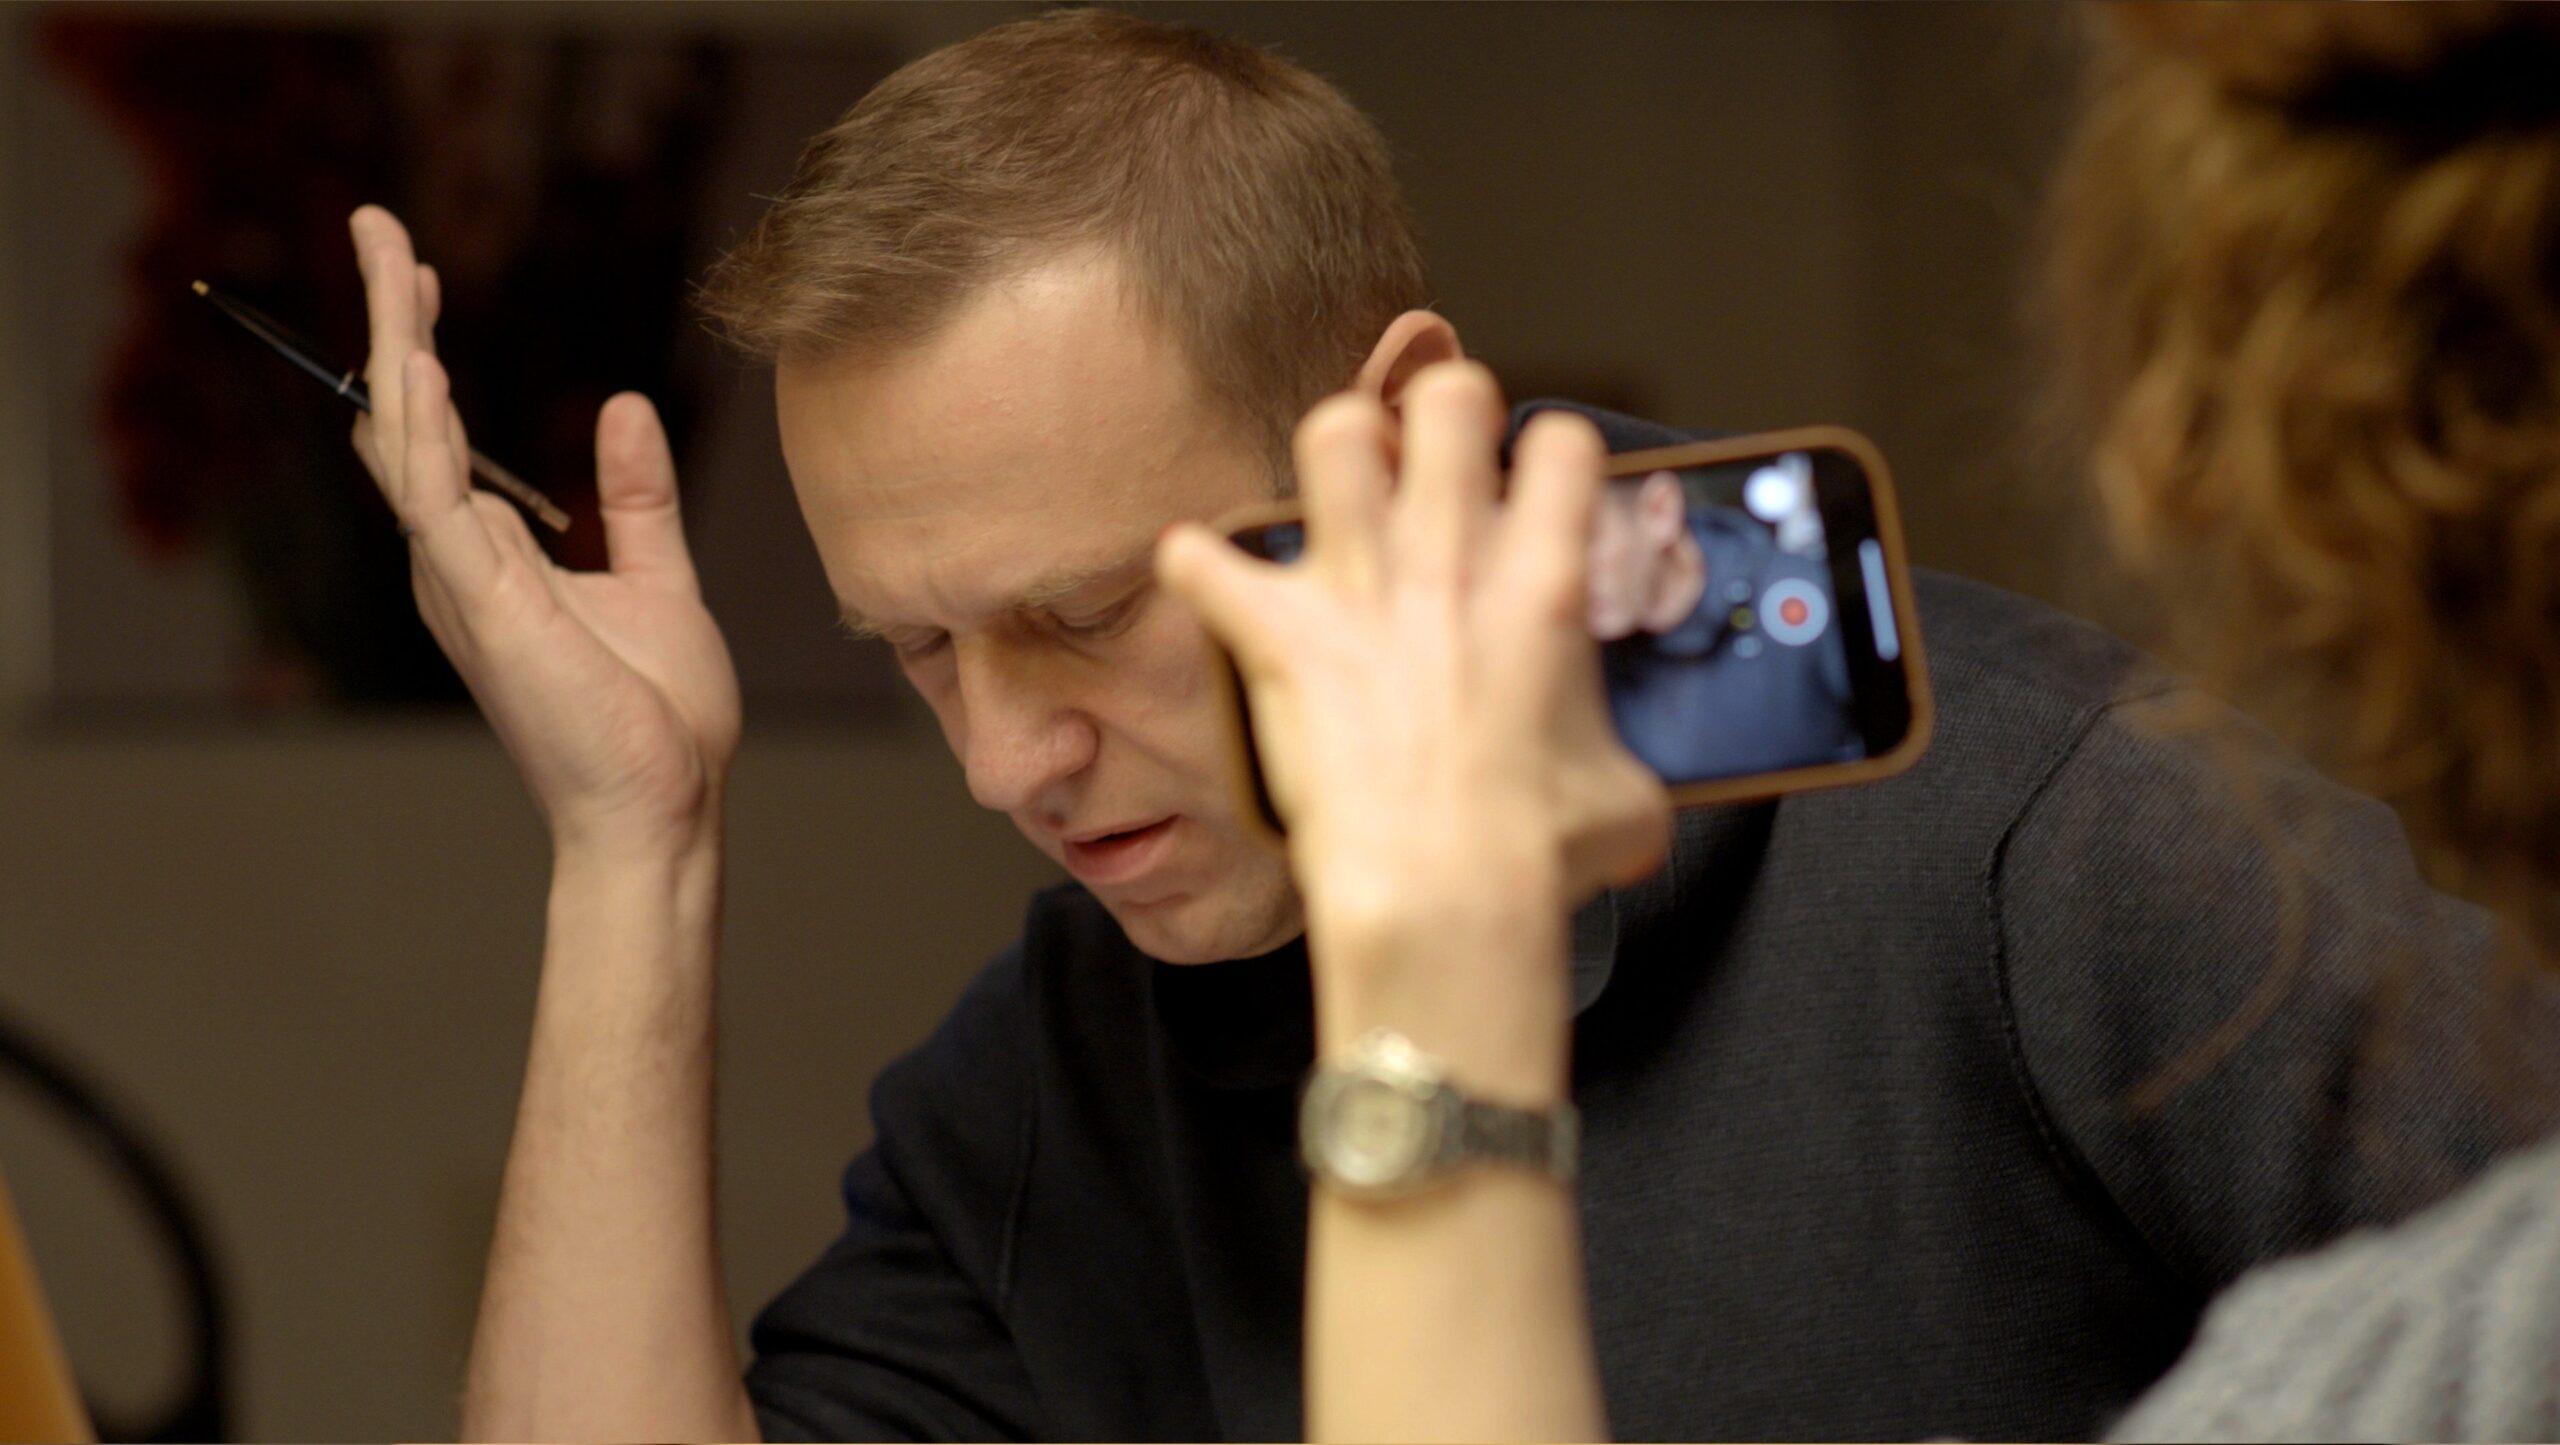 ФСБ прокомментировала расследование Навального. Итак, оказывается, это провокация.